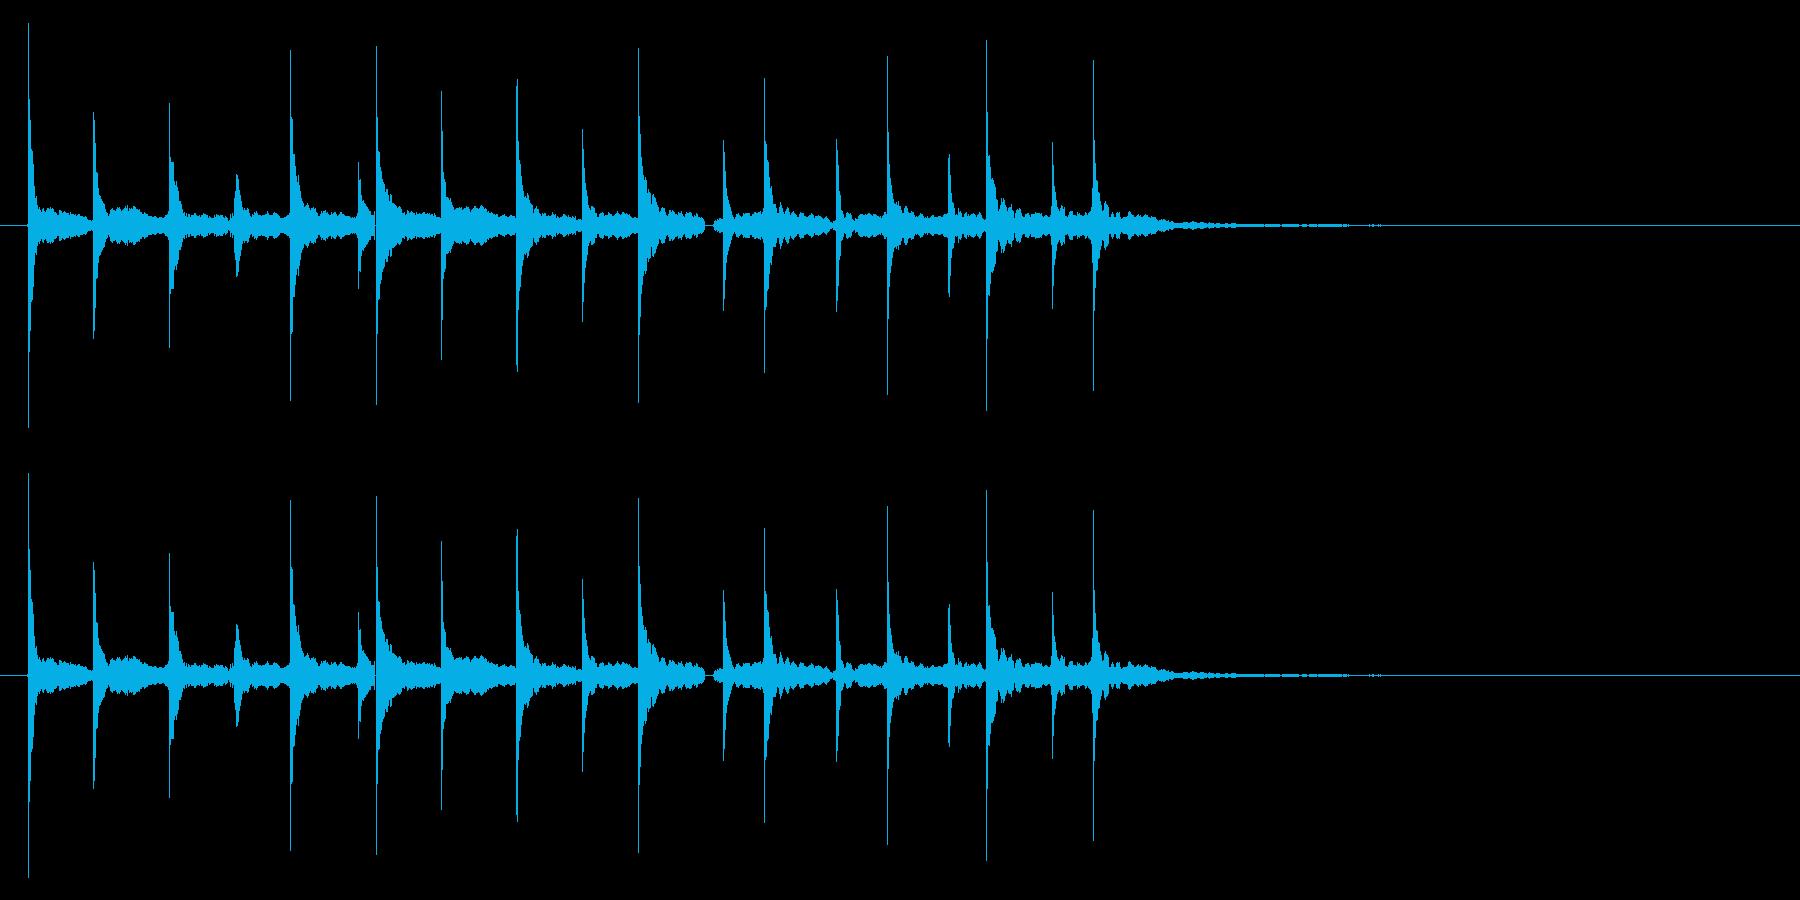 「テレテレテ(マリンバでコミカルな音)」の再生済みの波形